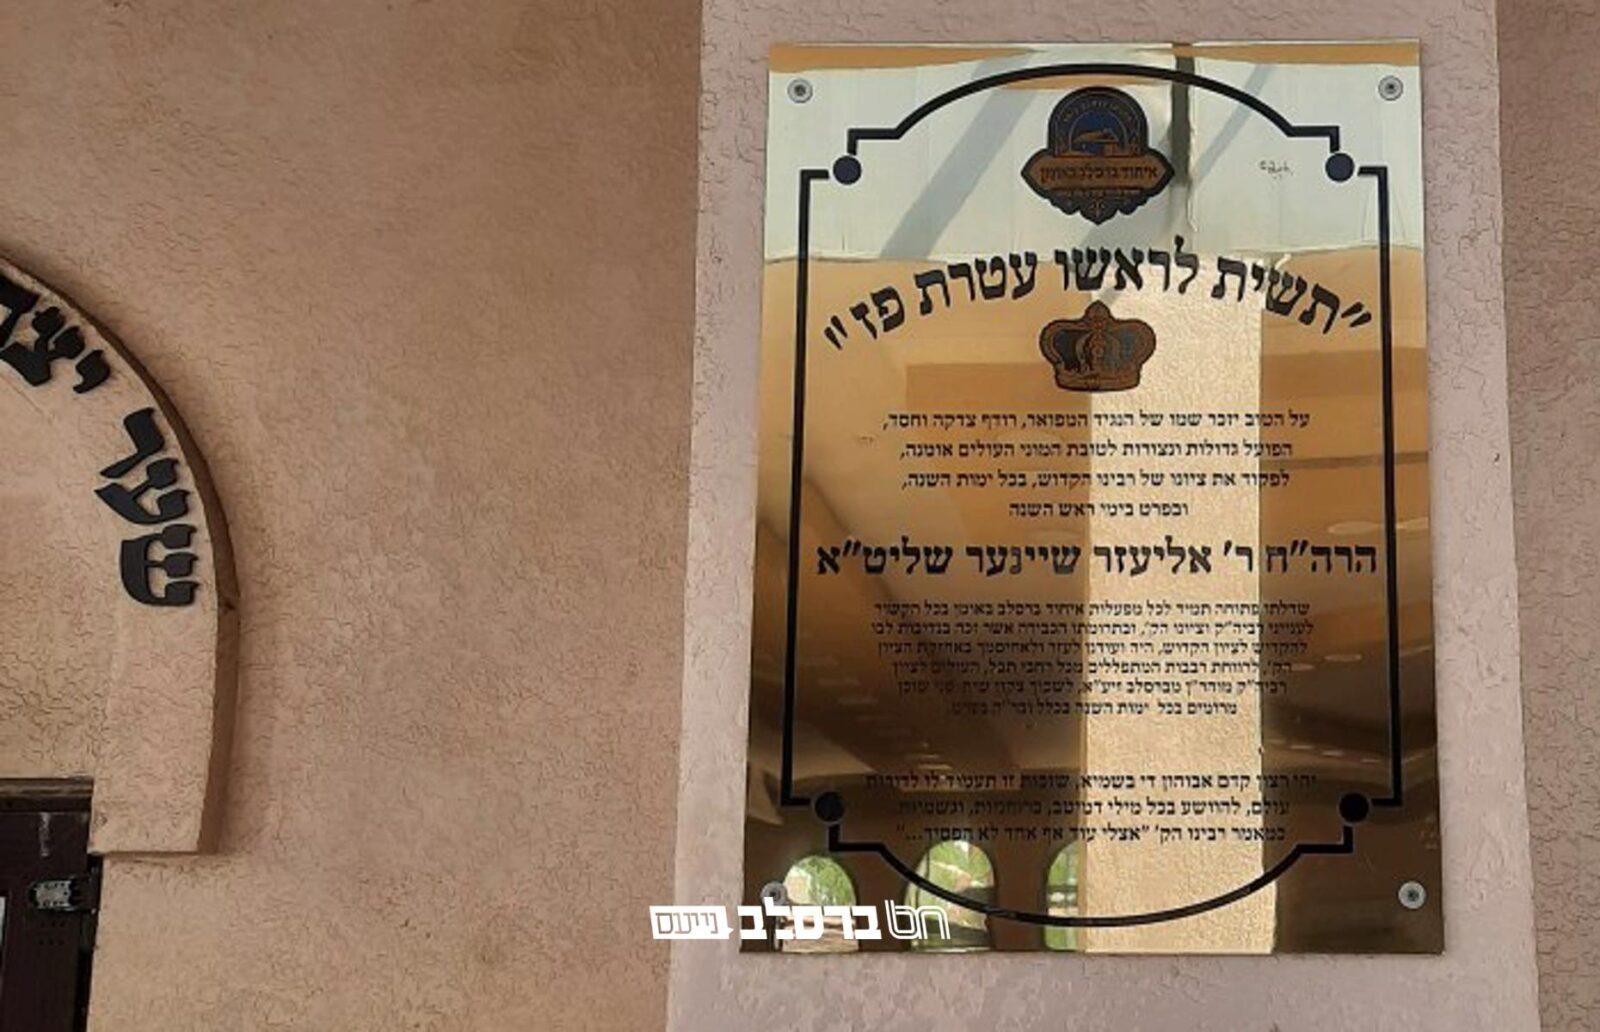 """איחוד ברסלב באומן: שלט בציון לכבוד הנגיד אליעזר שיינר הפועל רבות למען אנ""""ש חסידי ברסלב"""